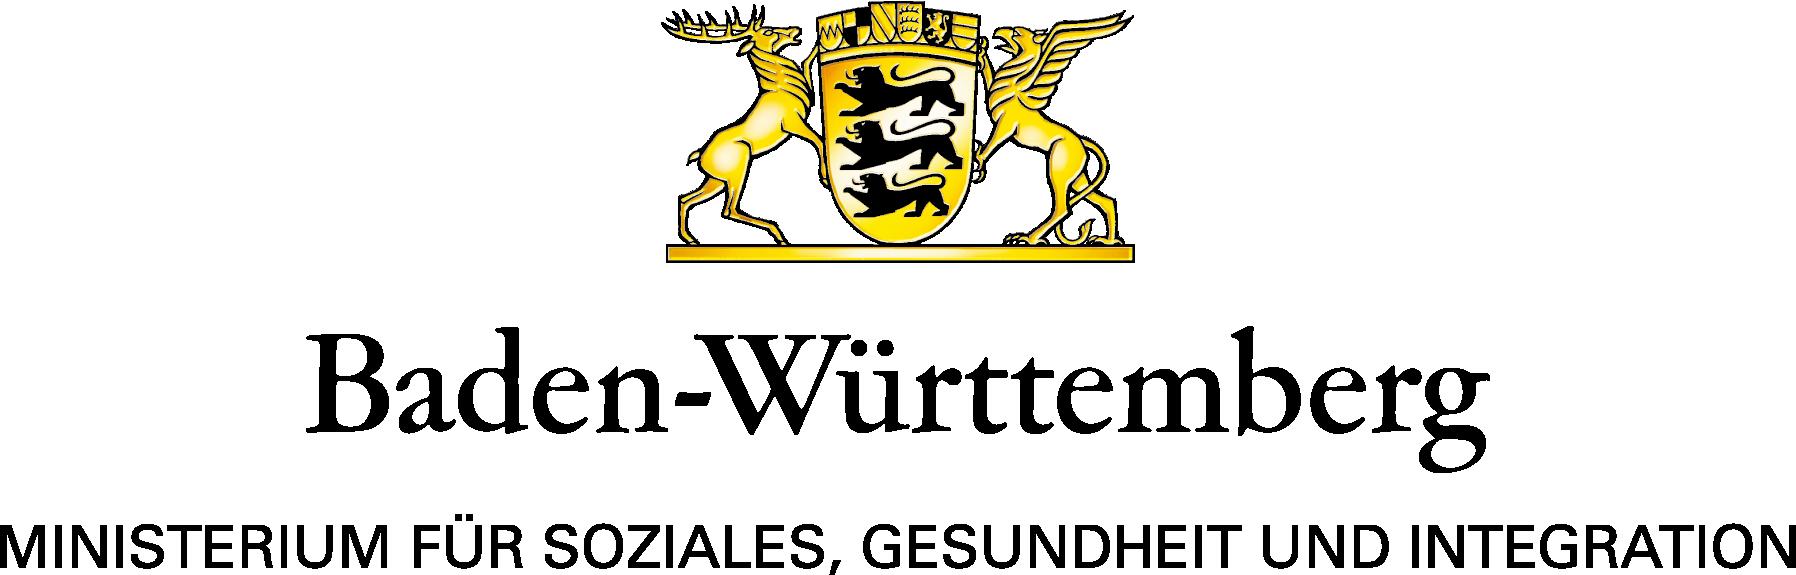 Ministerium für Arbeit und Sozialordnung, Familie, Frauen und Senioren Baden-Württemberg